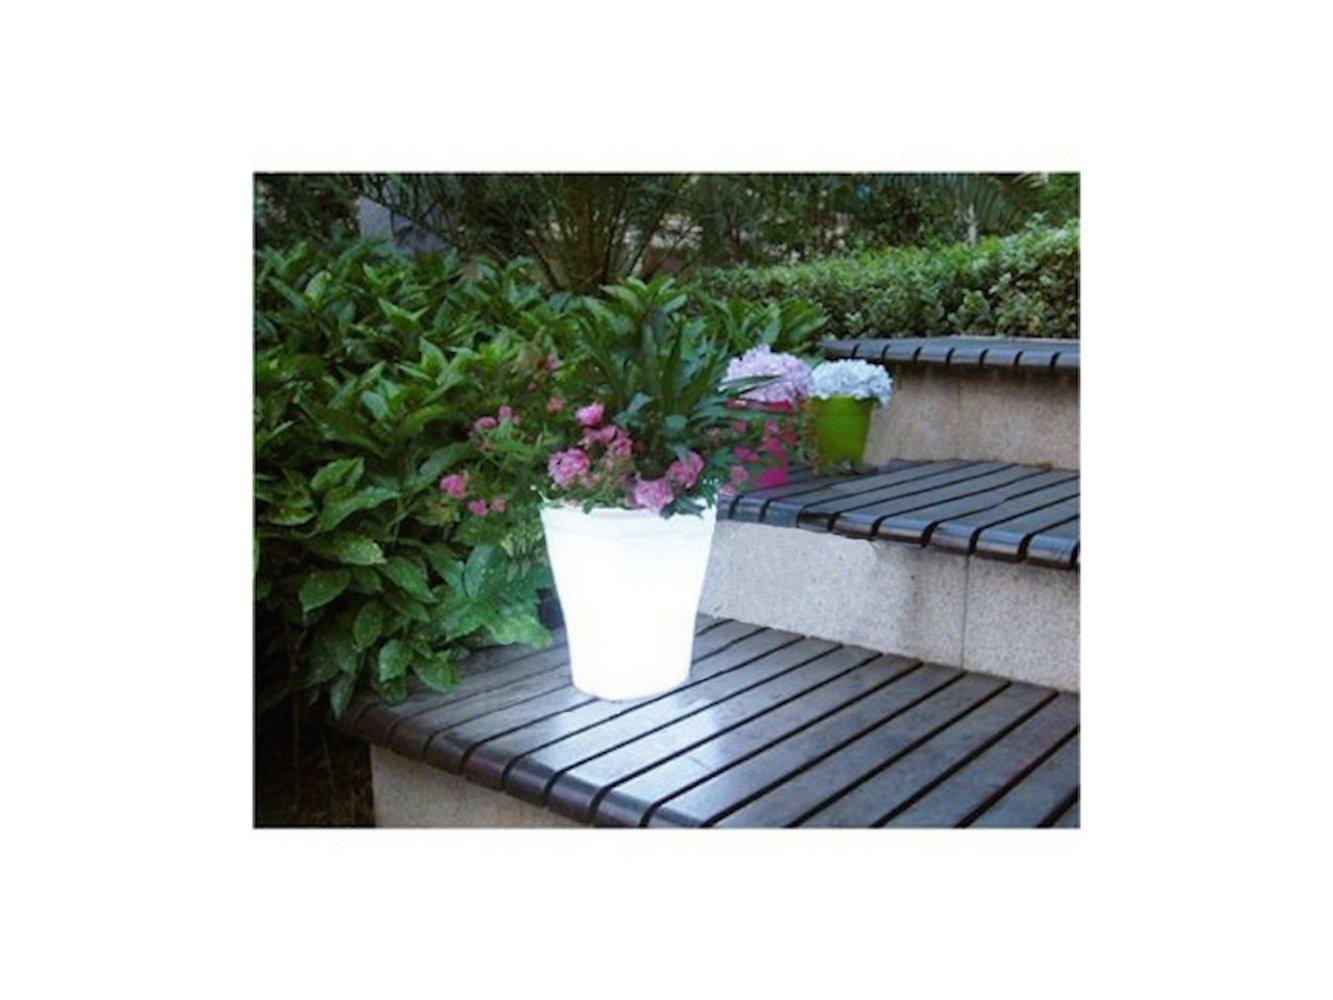 Solar Illuminated PlanterSolar LED Flowerpot Light LED Solar Power Flowerpot Garden Landscape Outdoor Yard - PINK OR WHITE